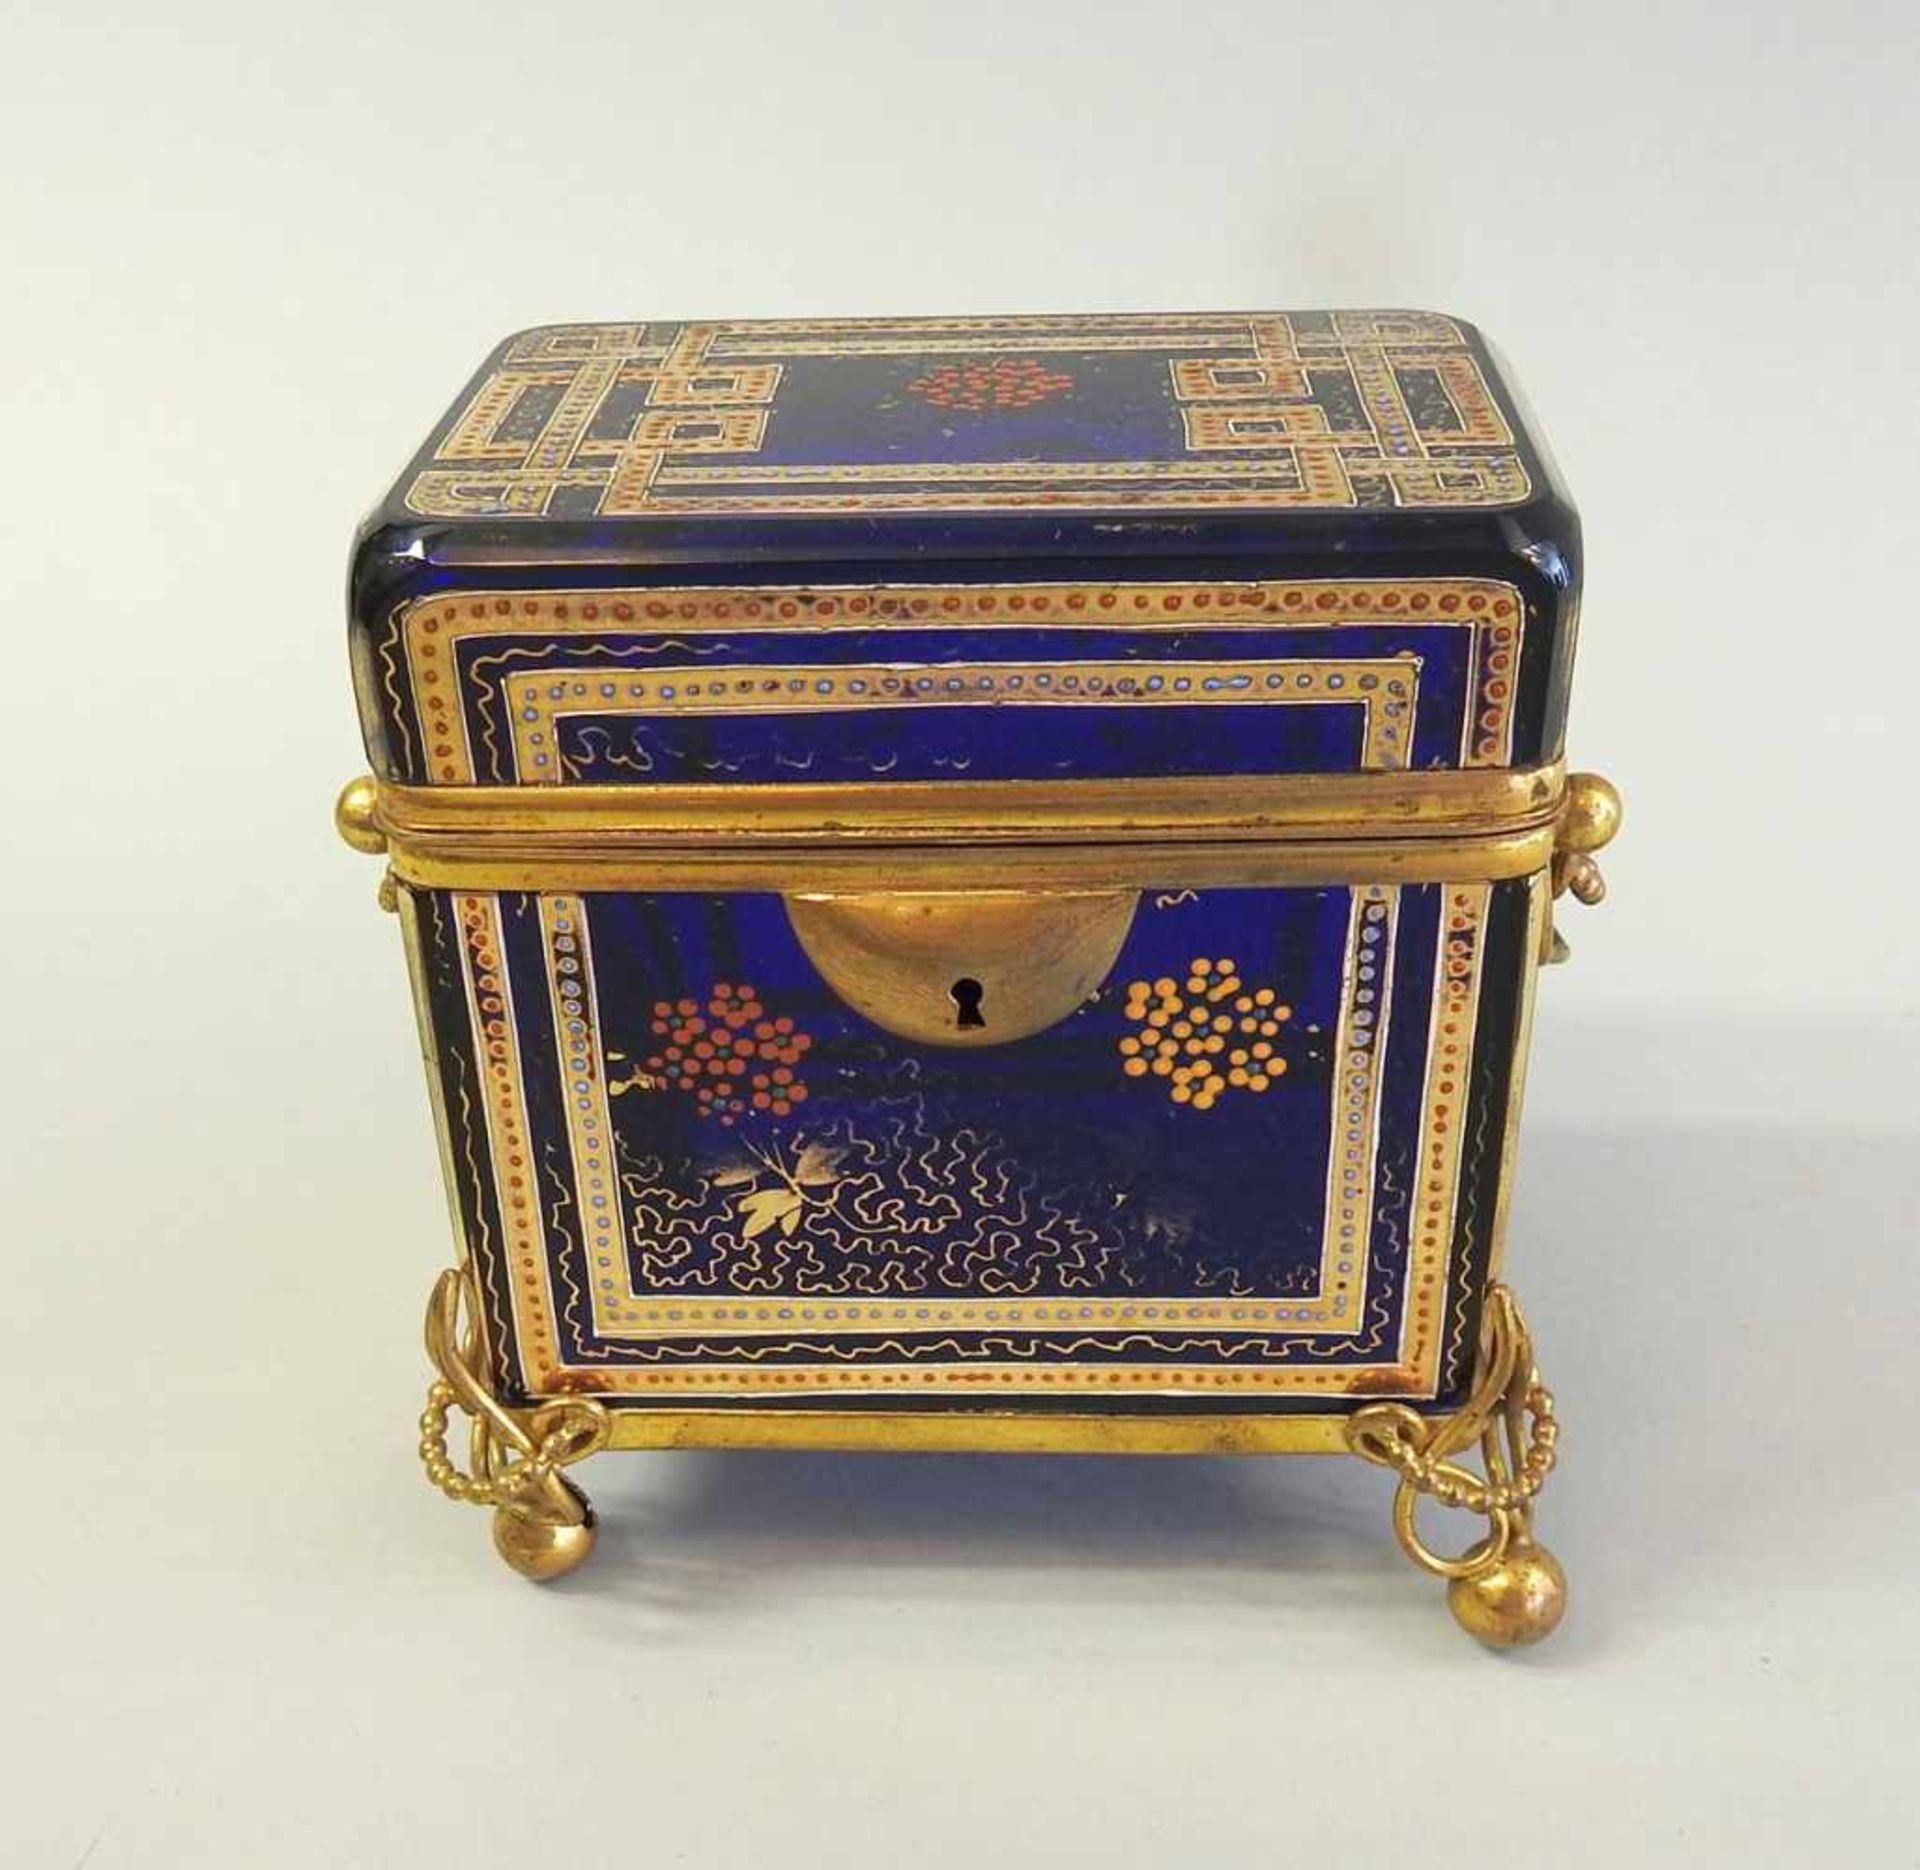 Los 40 - Biedermeier Zuckerdose Glas, kobaltblau mit Goldbemalung, mit Messingmontur. Sehr gut erhalten. Wohl